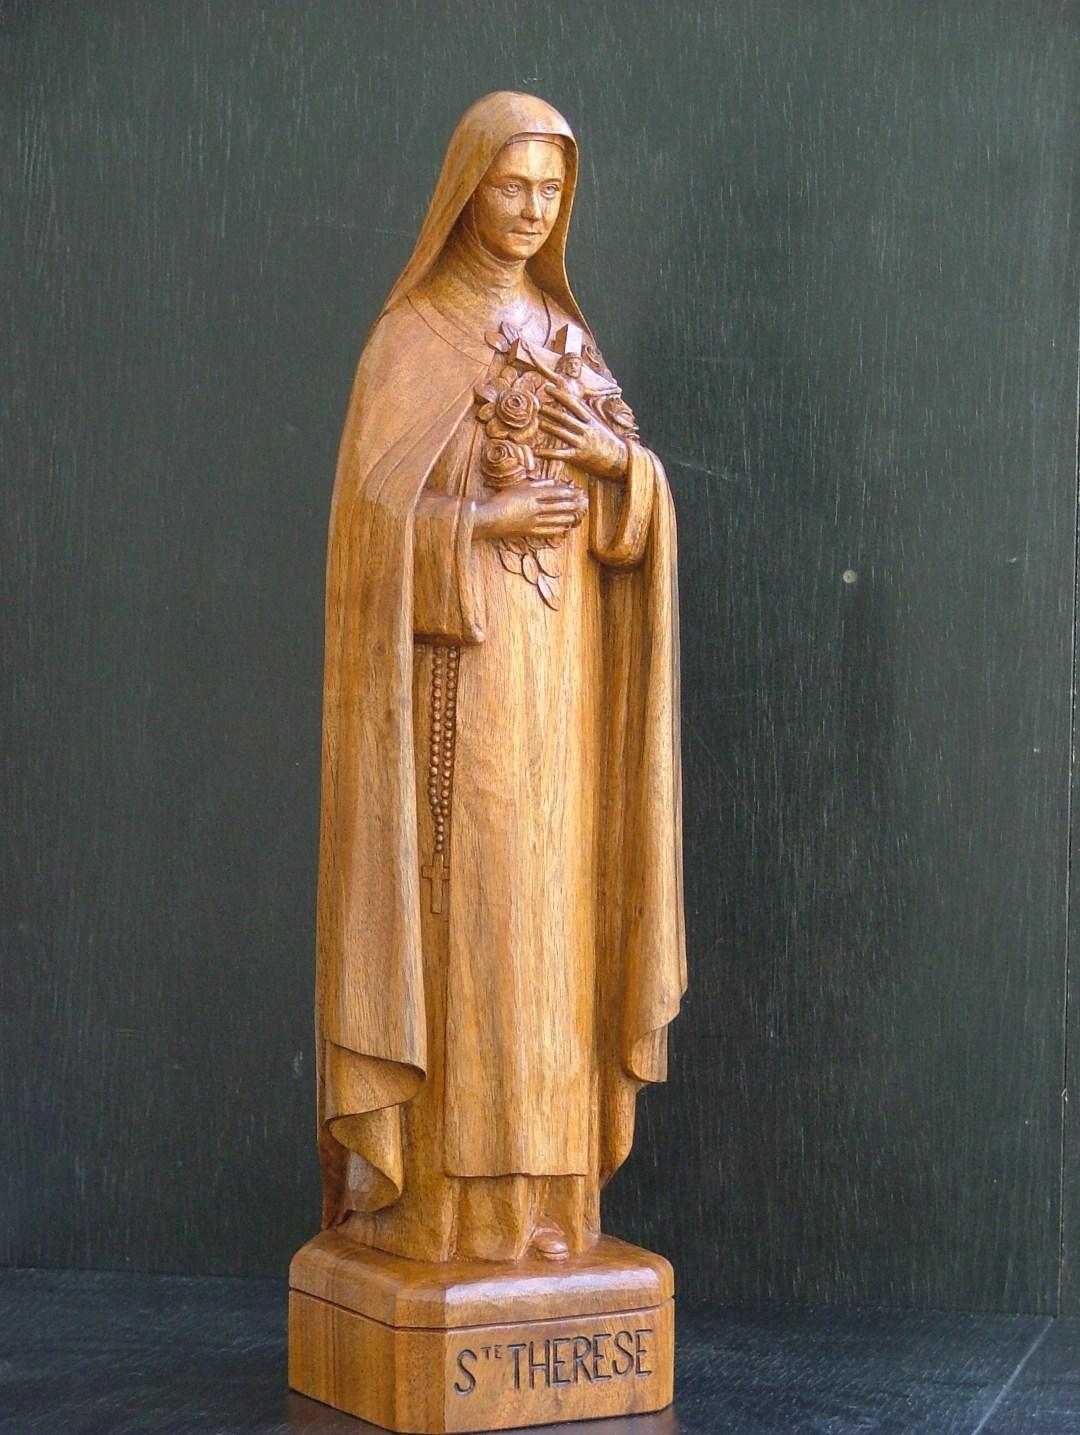 Galerie sculptures bois figuratives - Sté Thérèse debout